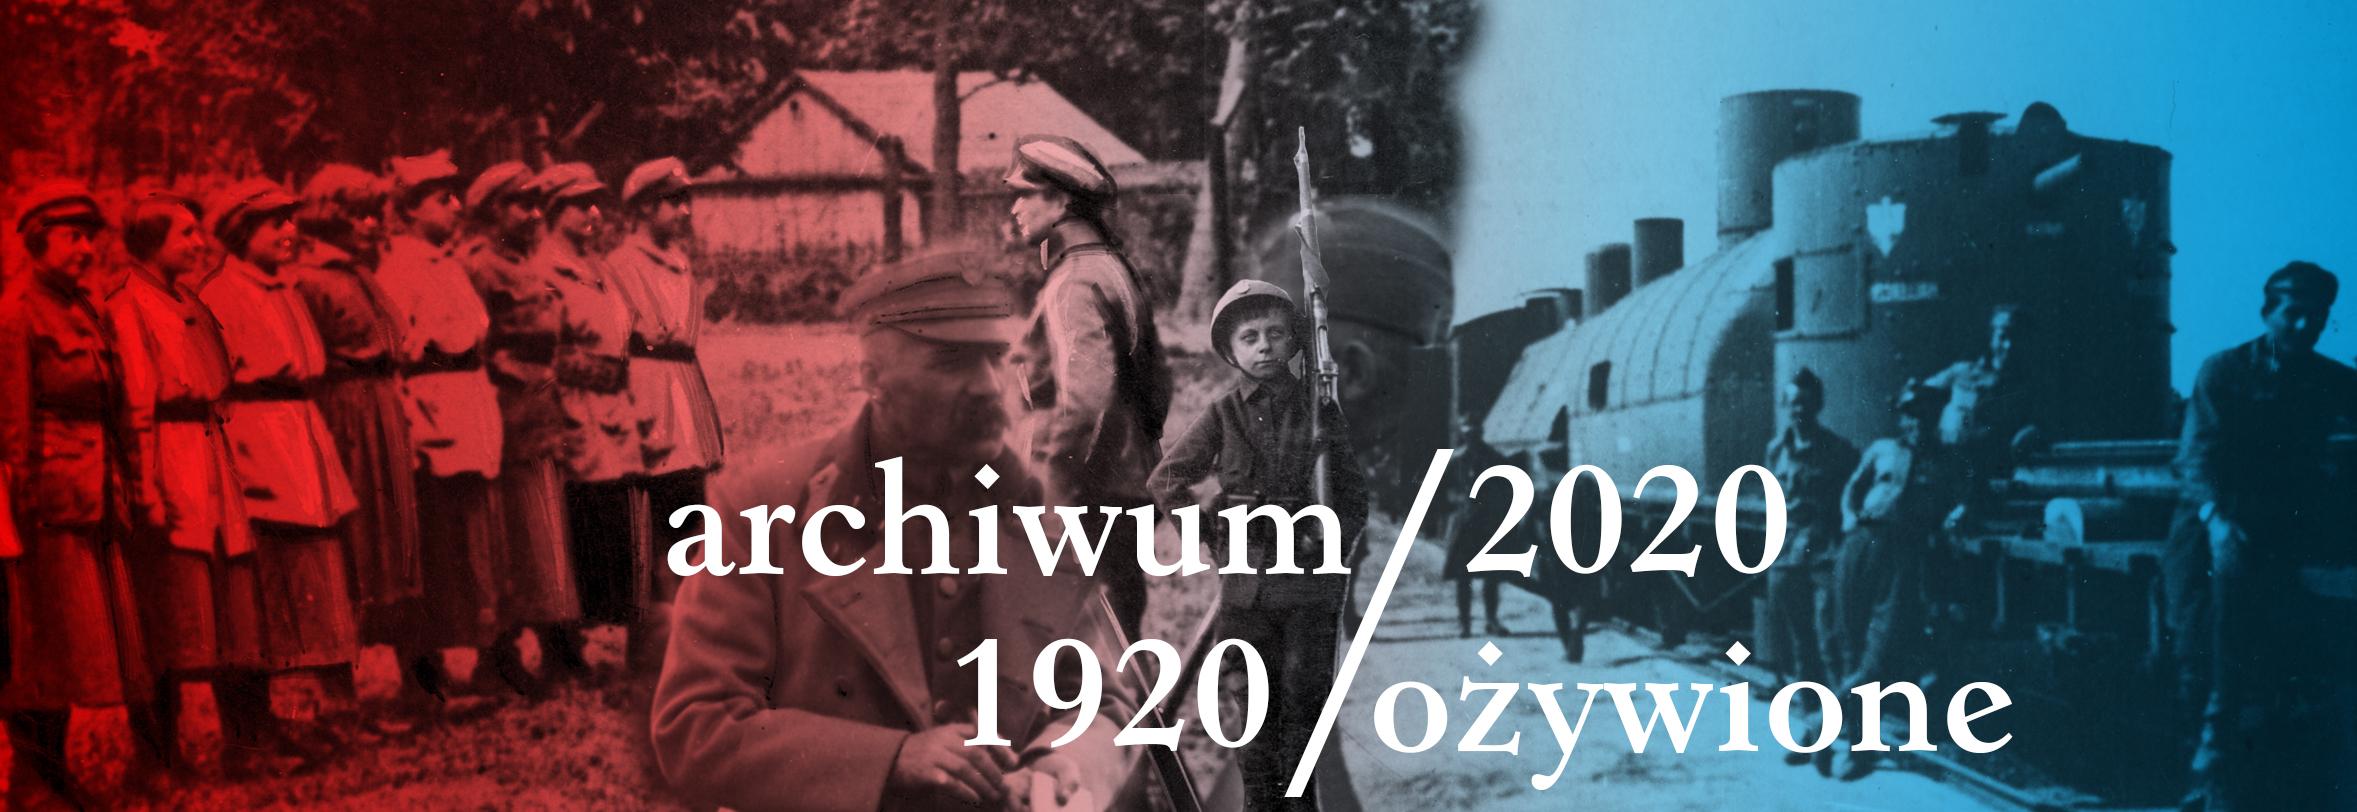 1920/2020. Archiwum Ożywione